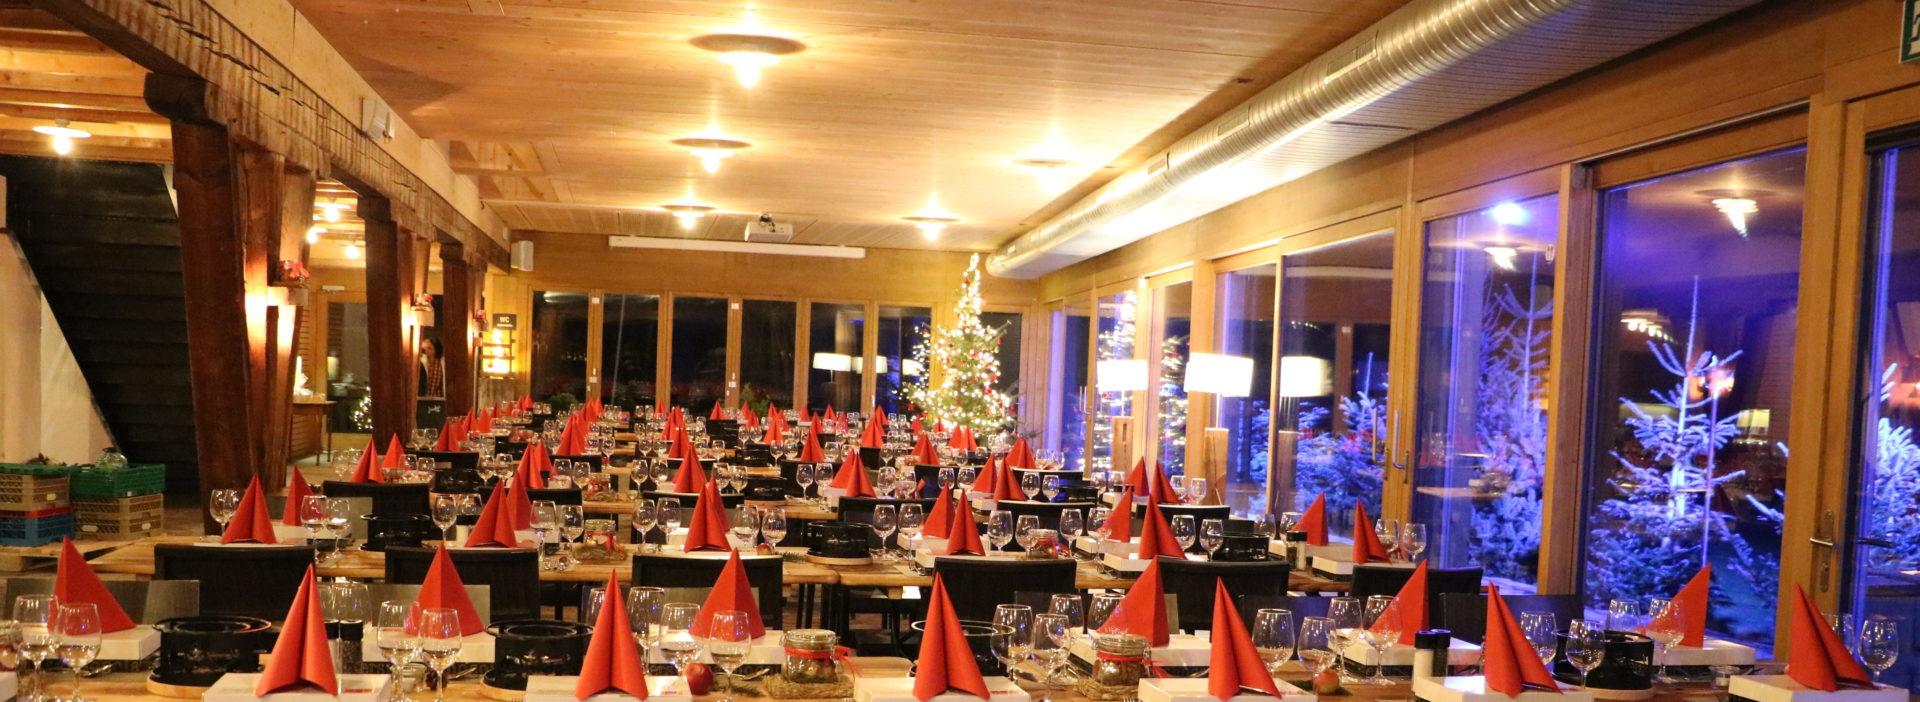 Weihnachtsessen Firmen.Weihnachtsfeier Für Firmen Auf Dem Bauernhof Jucker Farm